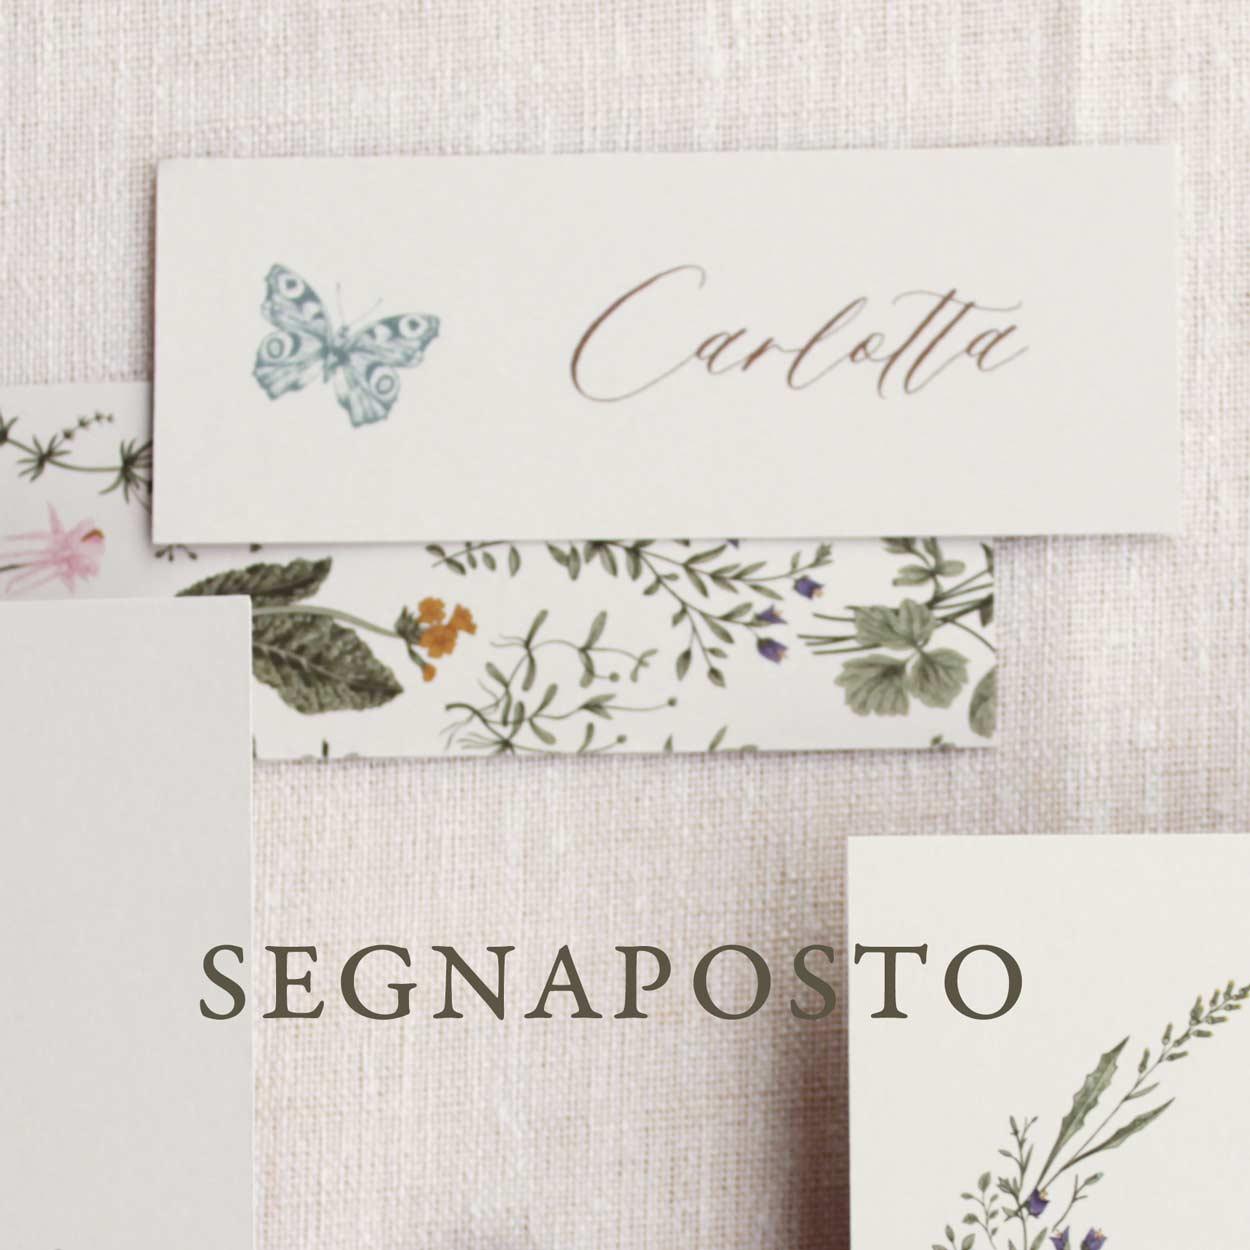 Partecipazioni-invito-nozze-matrimonio-fiori-verde-ulivo-margherite-flower-wedding-lista-nozze-tag-bomboniera-segnaposto